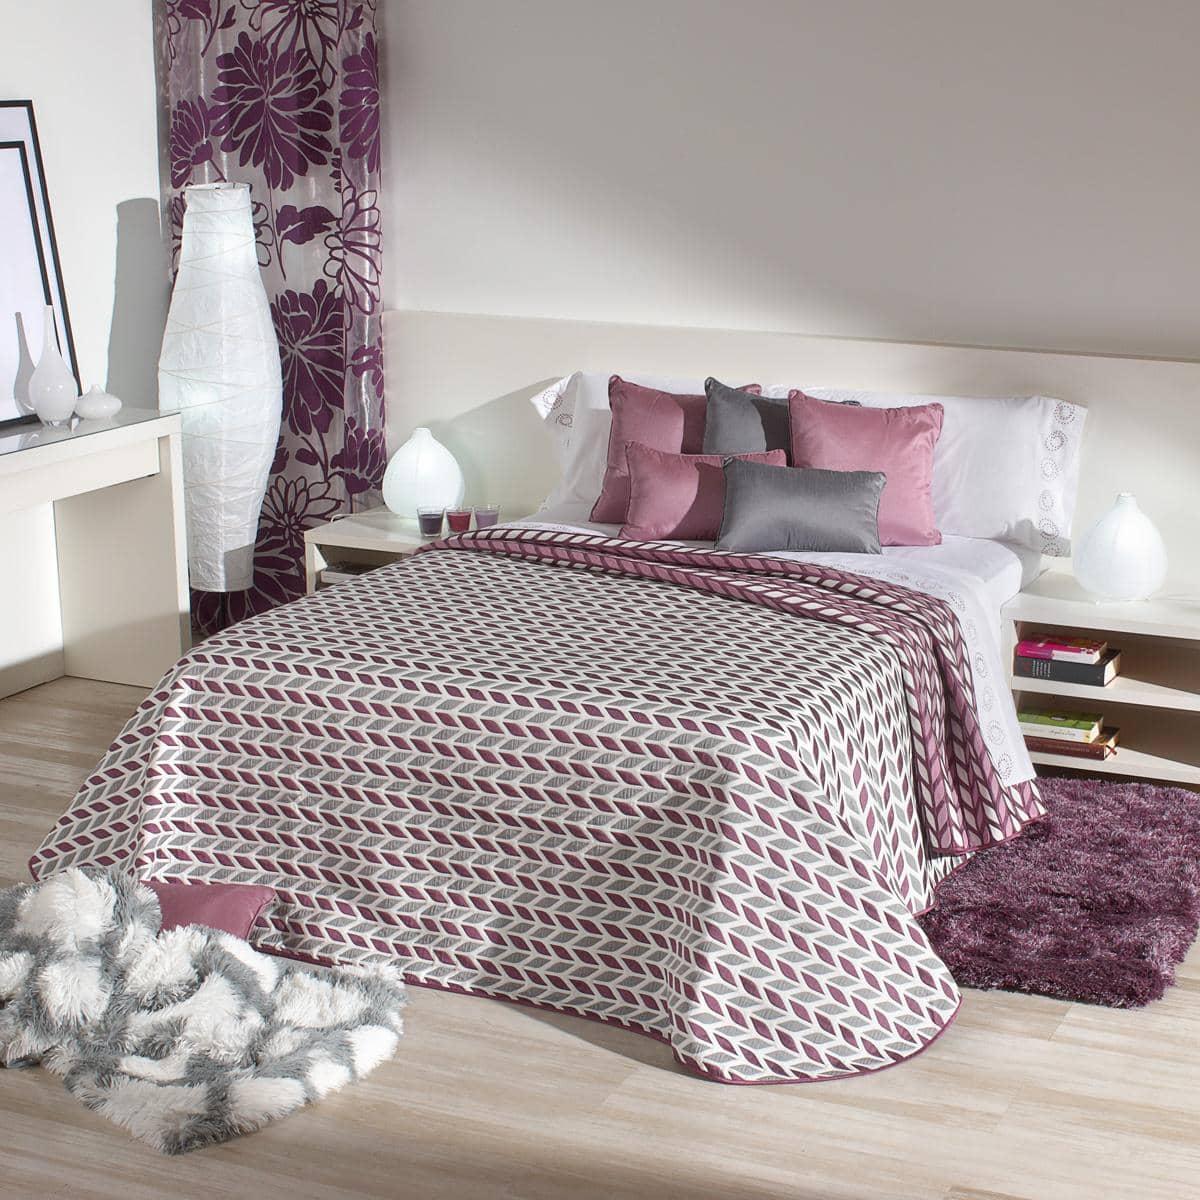 Colchas baratas y bonitas para tu cama colch n expr s - Camas con dosel baratas ...